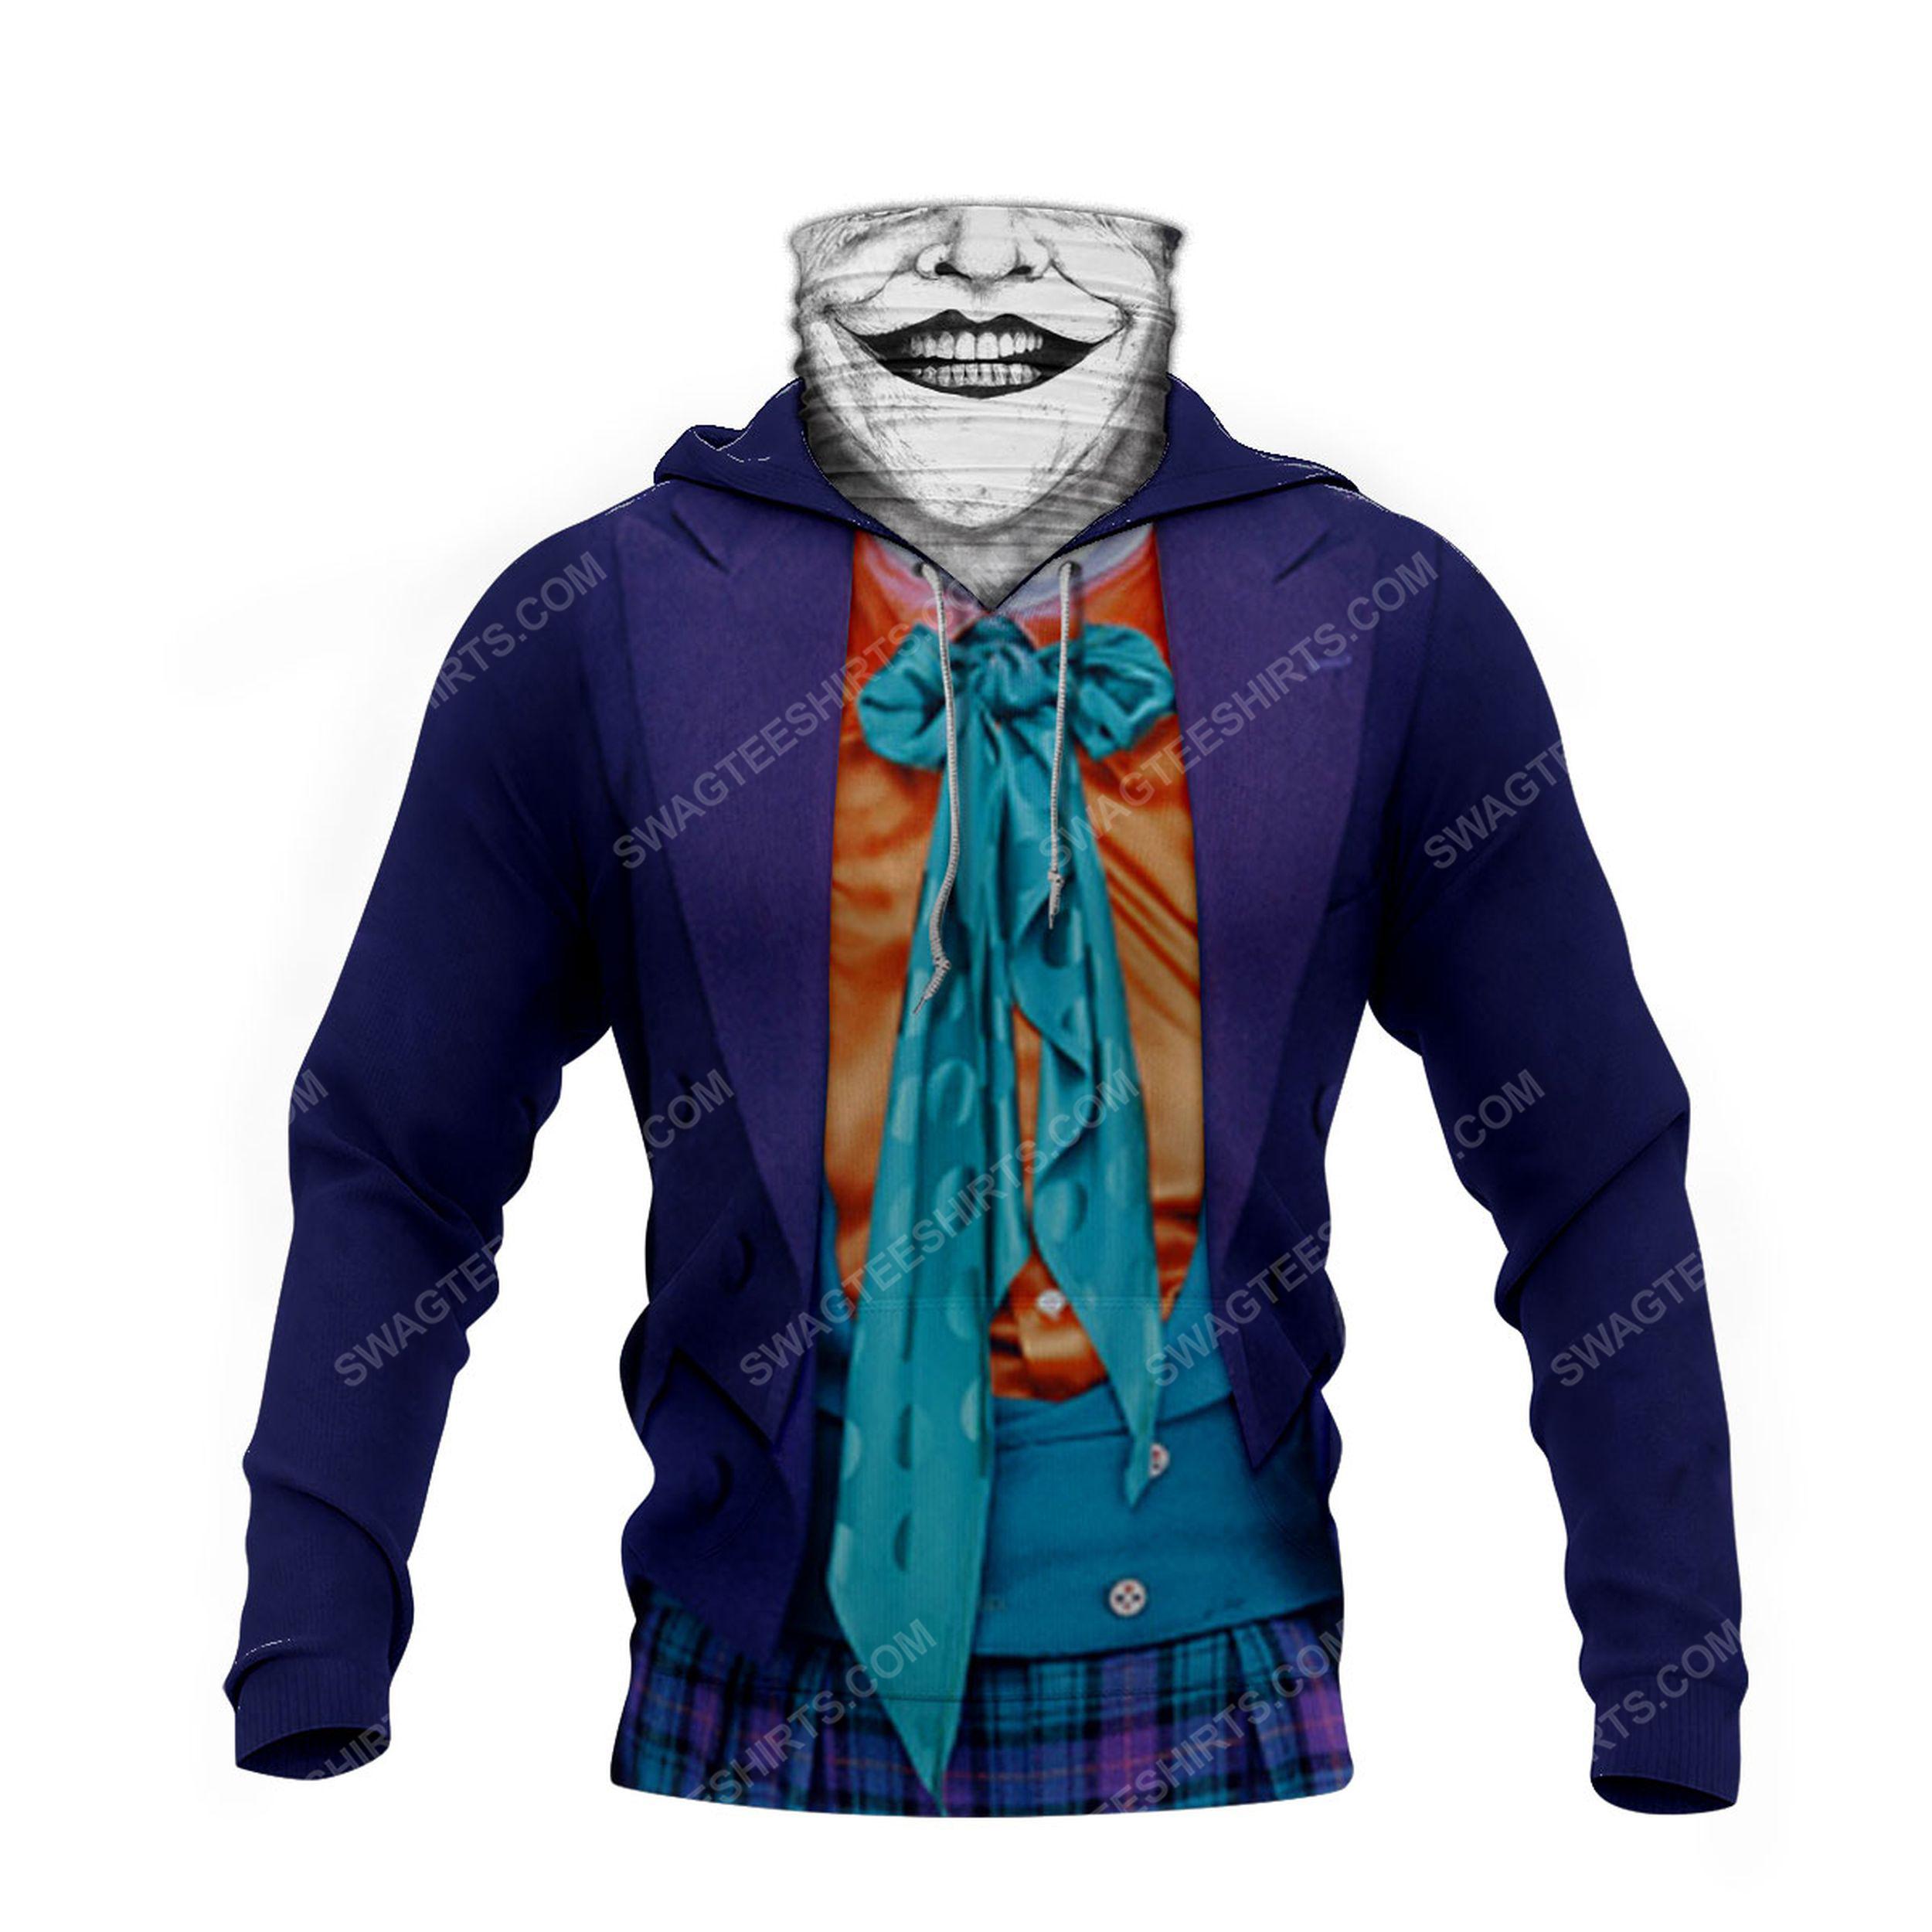 Horror movie joker for halloween full print mask hoodie 4(1)